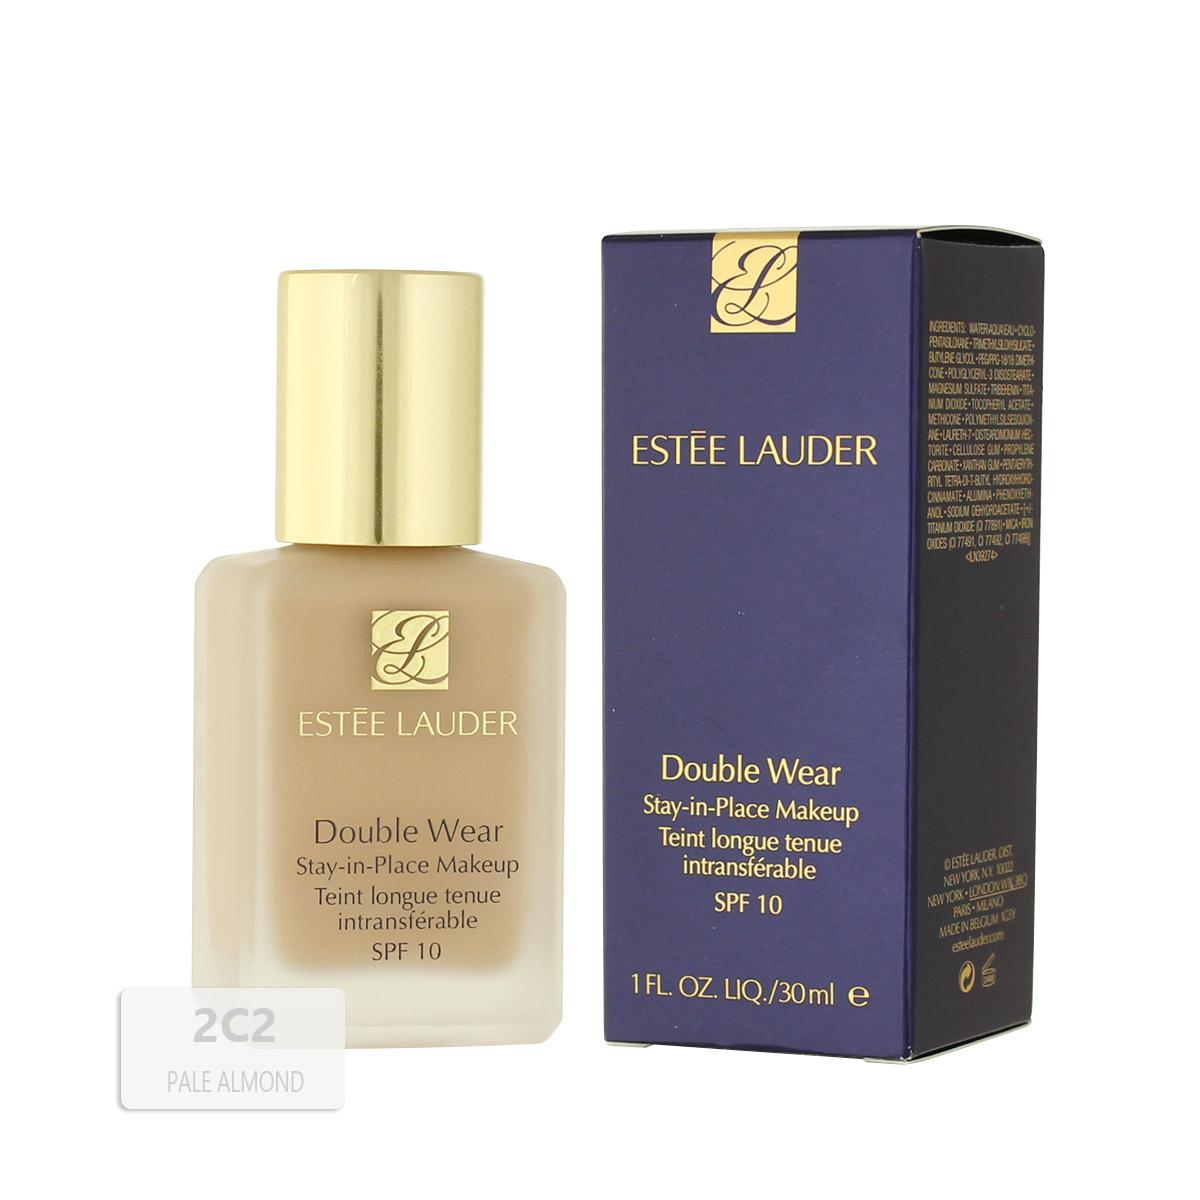 Estée Lauder Double Wear Stay-in-Place Makeup (2C2 Pale Almond) 30 ml